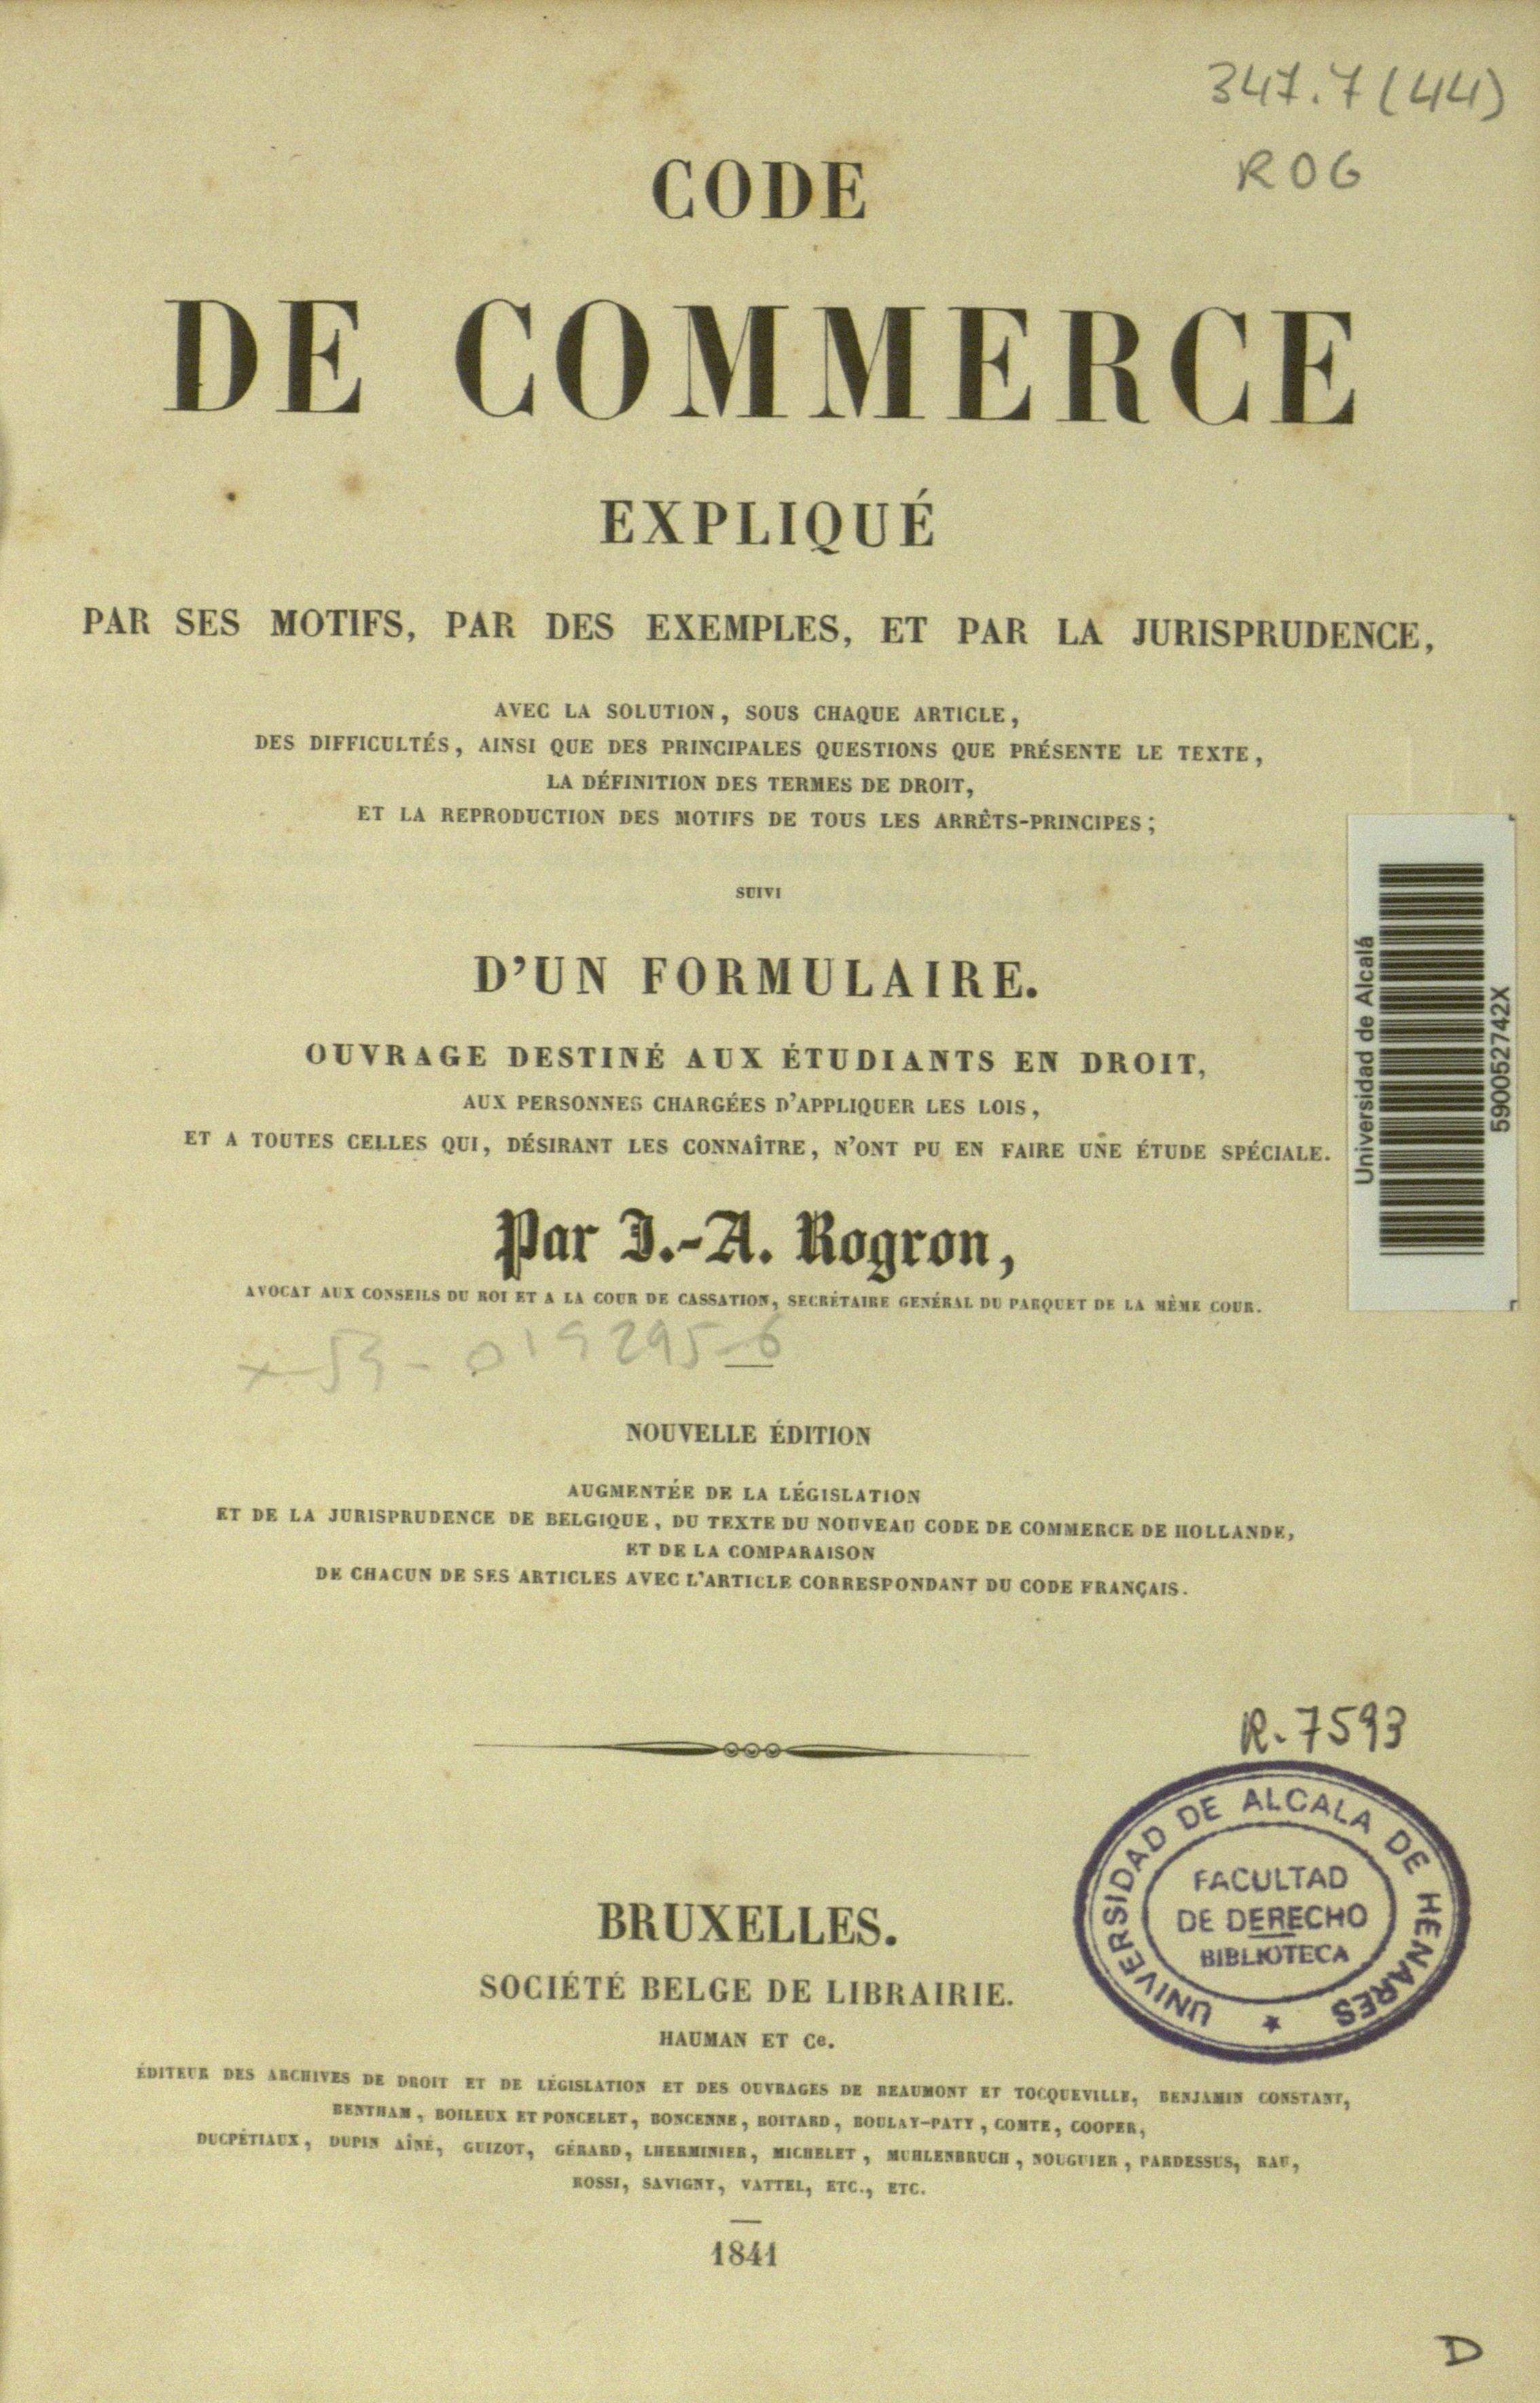 Code de commerce expliqué par ses motifs, 1841